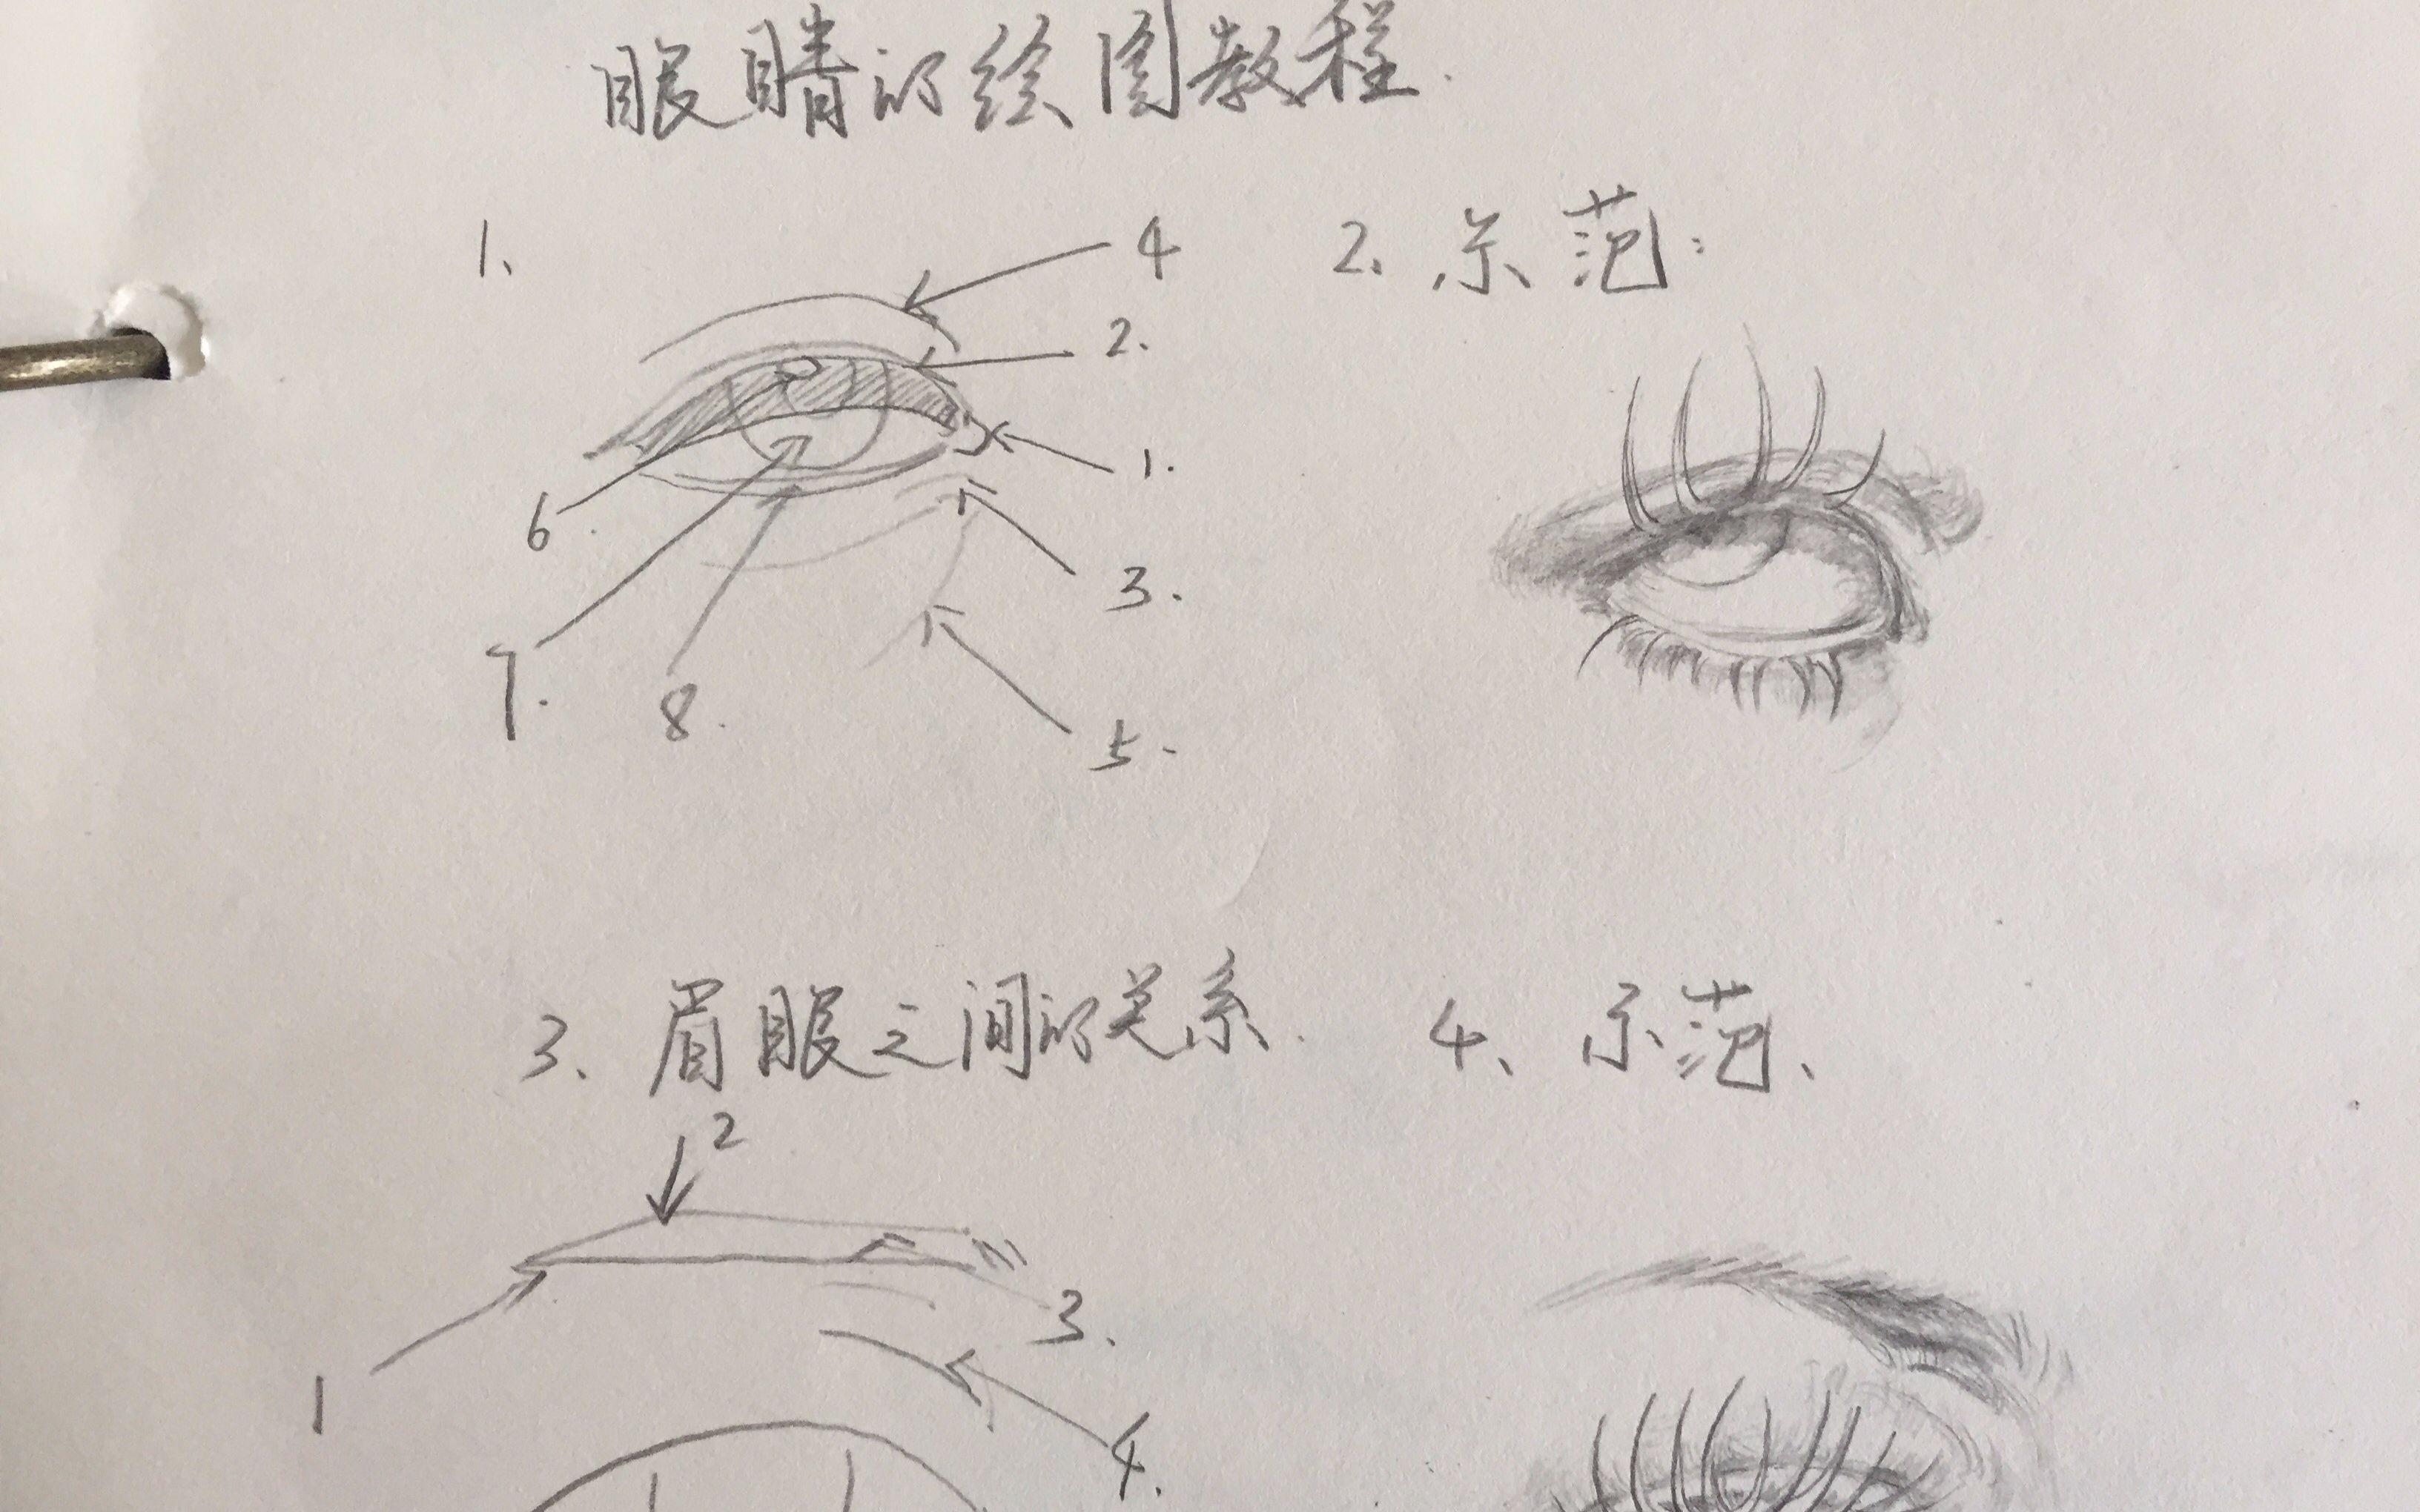 眼睛怎么画简单又漂亮 图片合集图片